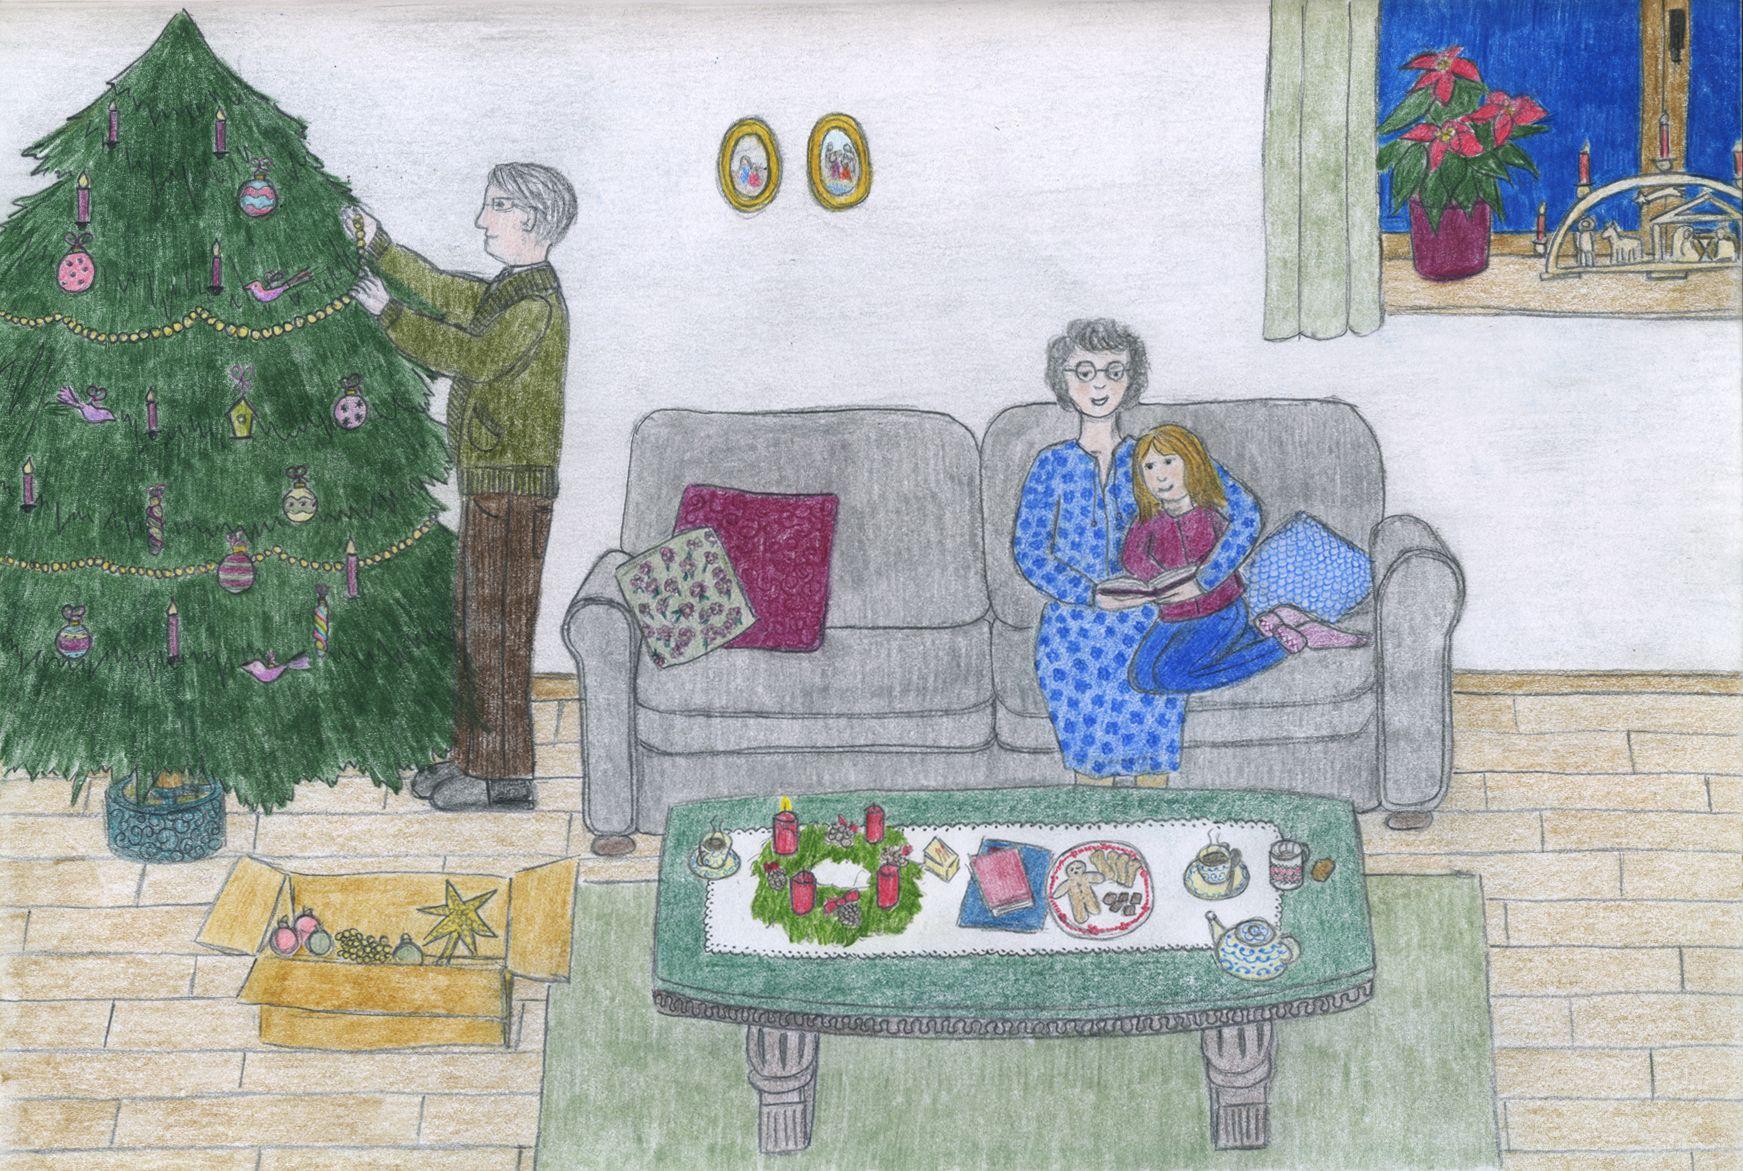 Il était une fois l'avent chez mes grands-parents… 🎄⛄️ / Es war einmal Advent bei meinen Großeltern… 🎁✨ #advent #cosiness #childrenillustration #sapindenoel #espritdenoel #grandsparents #adventszeit #gemütlichkeit #kinderbuchillustration